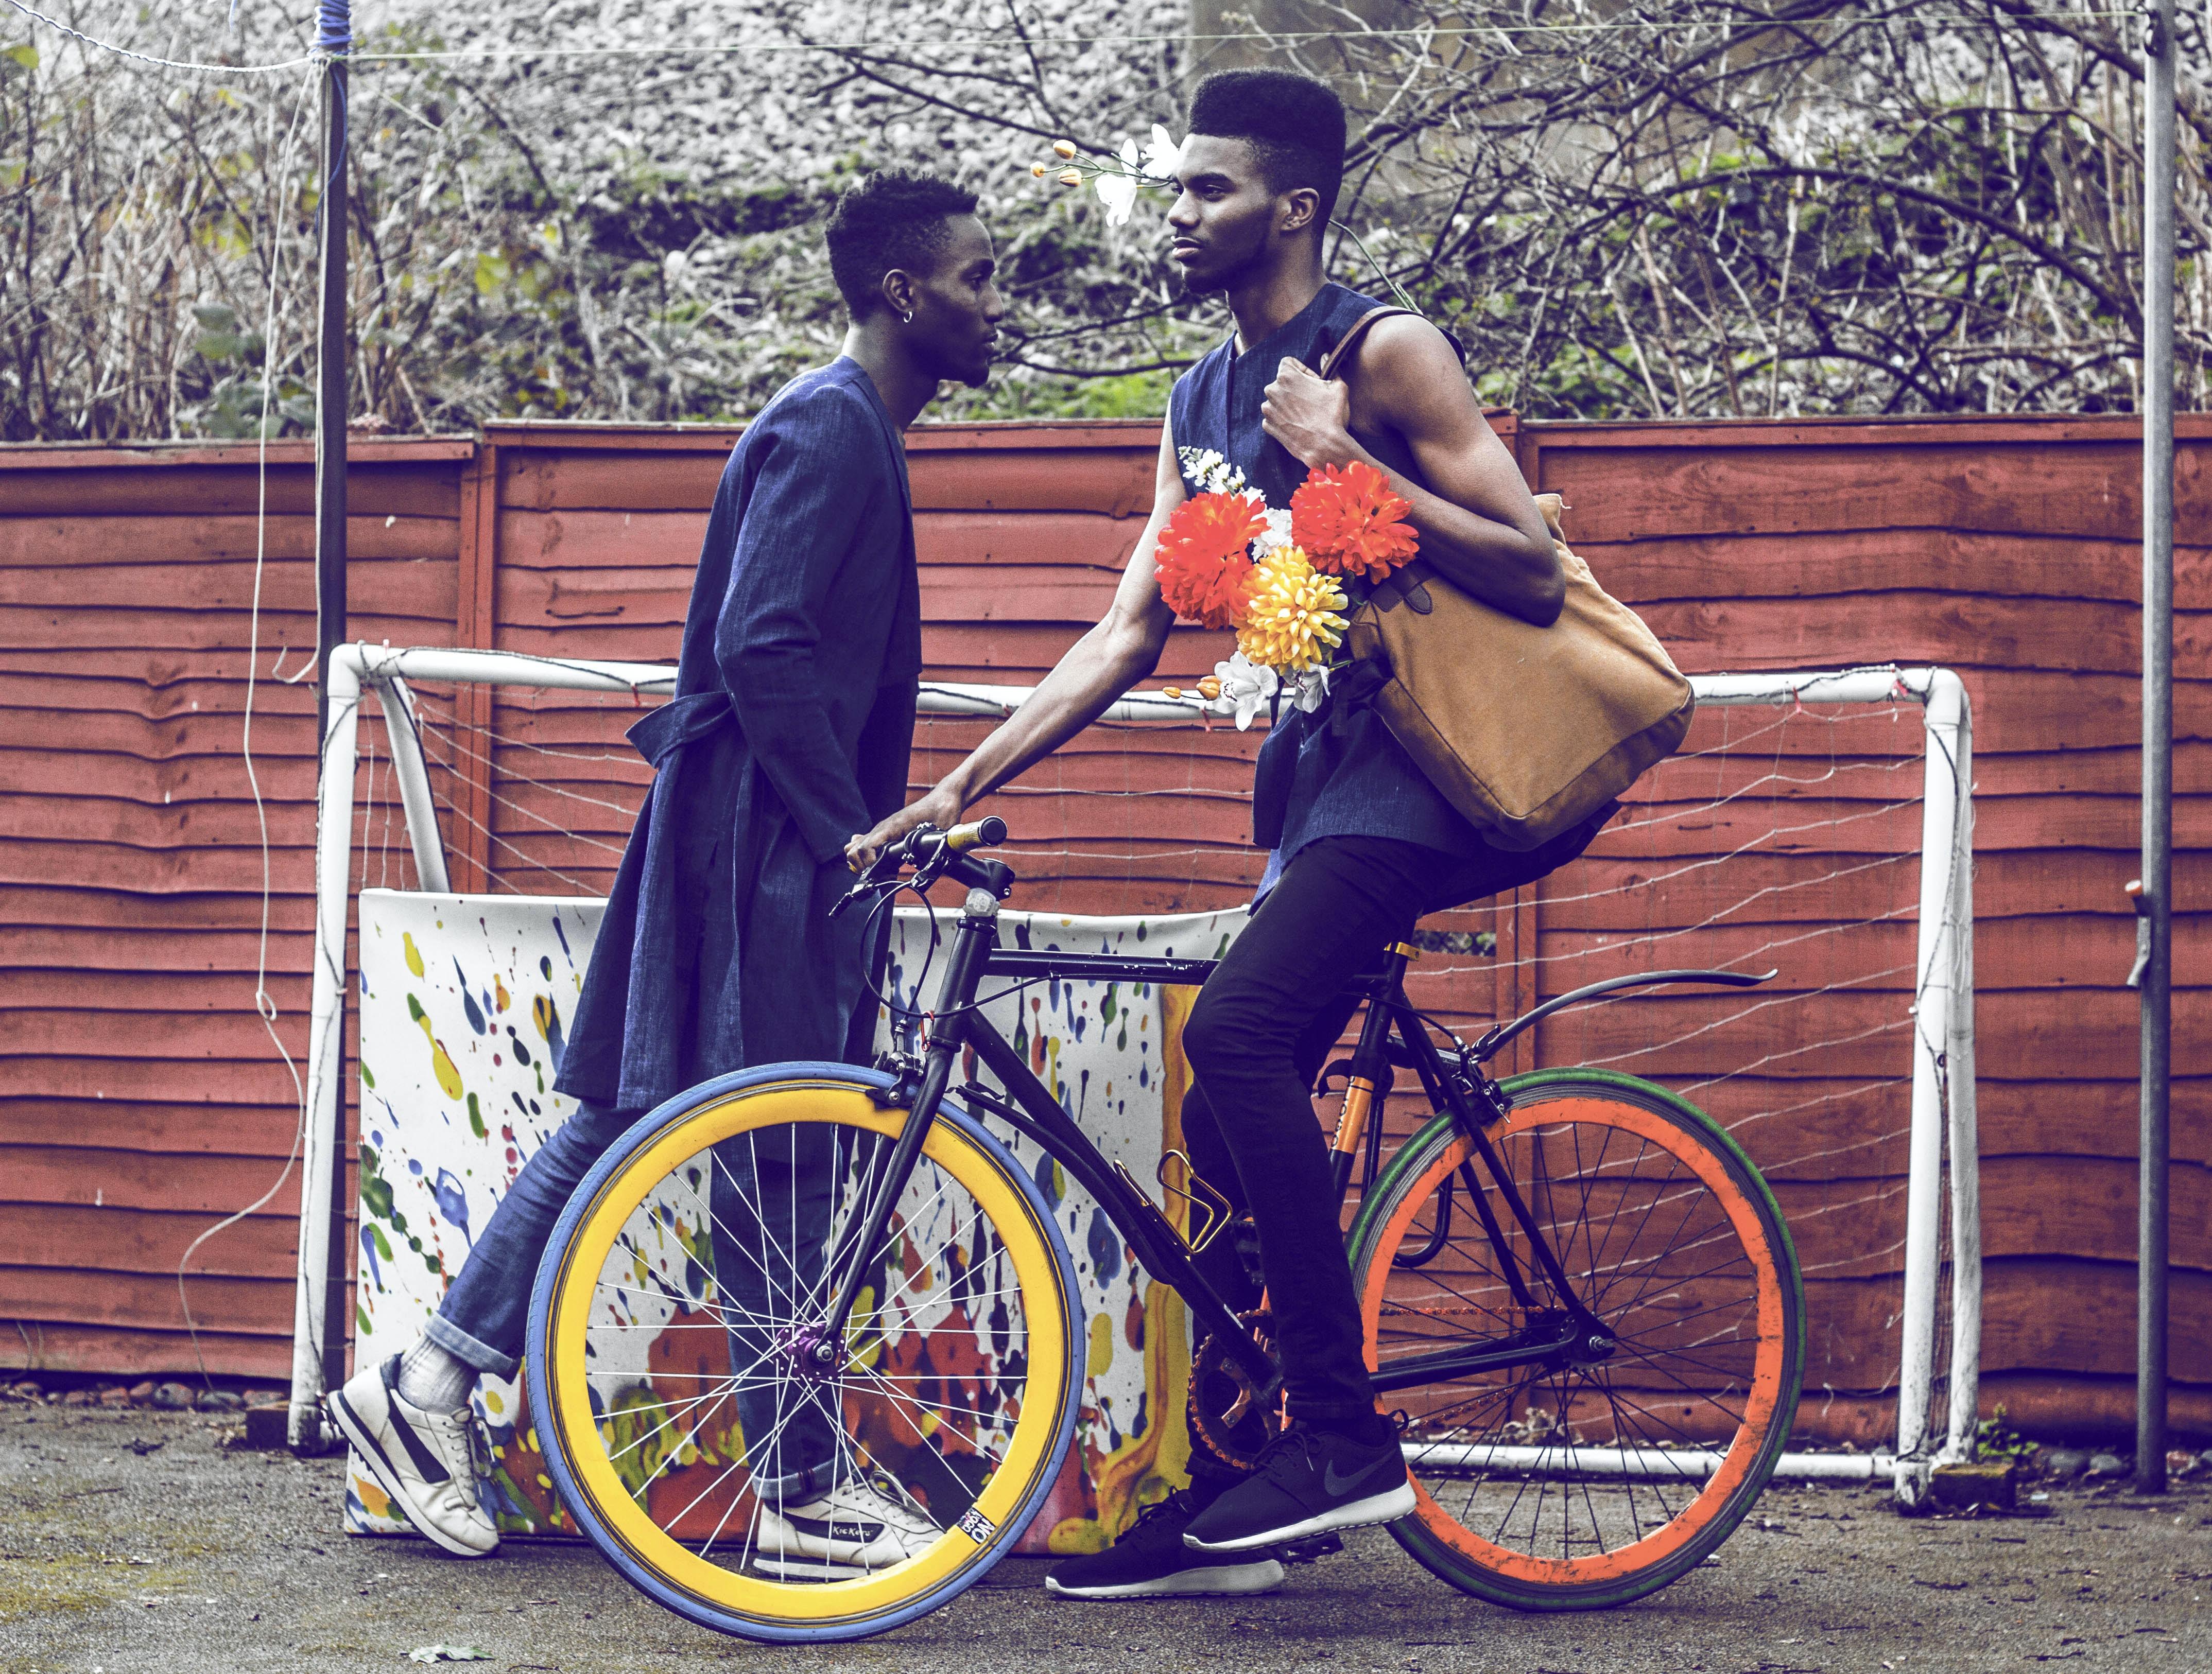 man holding brown bag riding bicycle